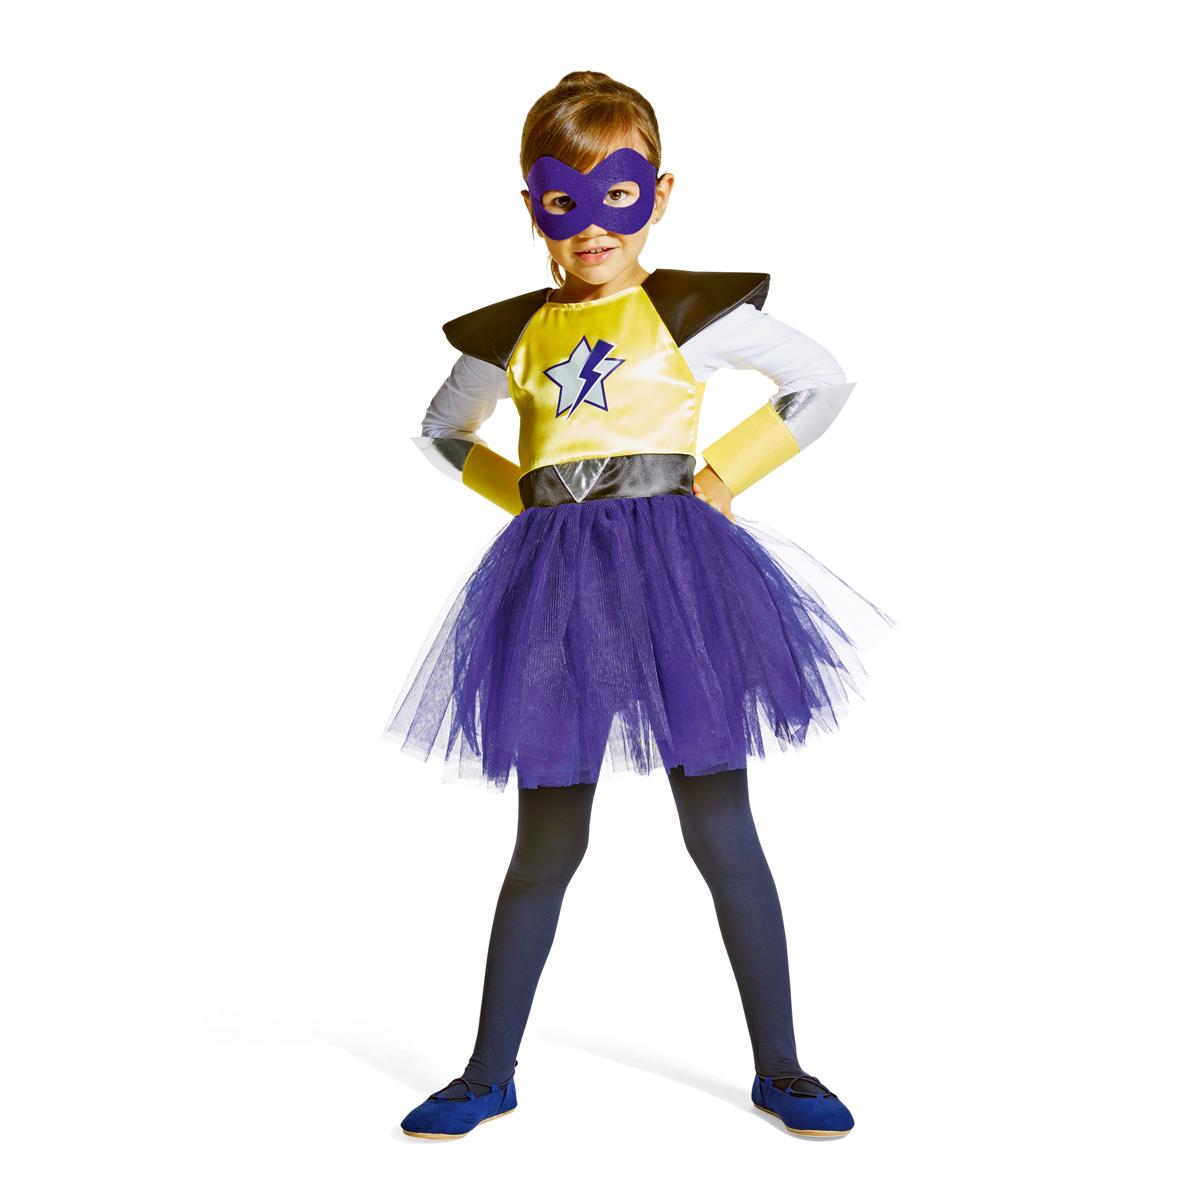 Dguisement Super Vilain Fille 3 5 Ans Imagibul Cration avec Jeux Gratuits Pour Enfants De 7 Ans